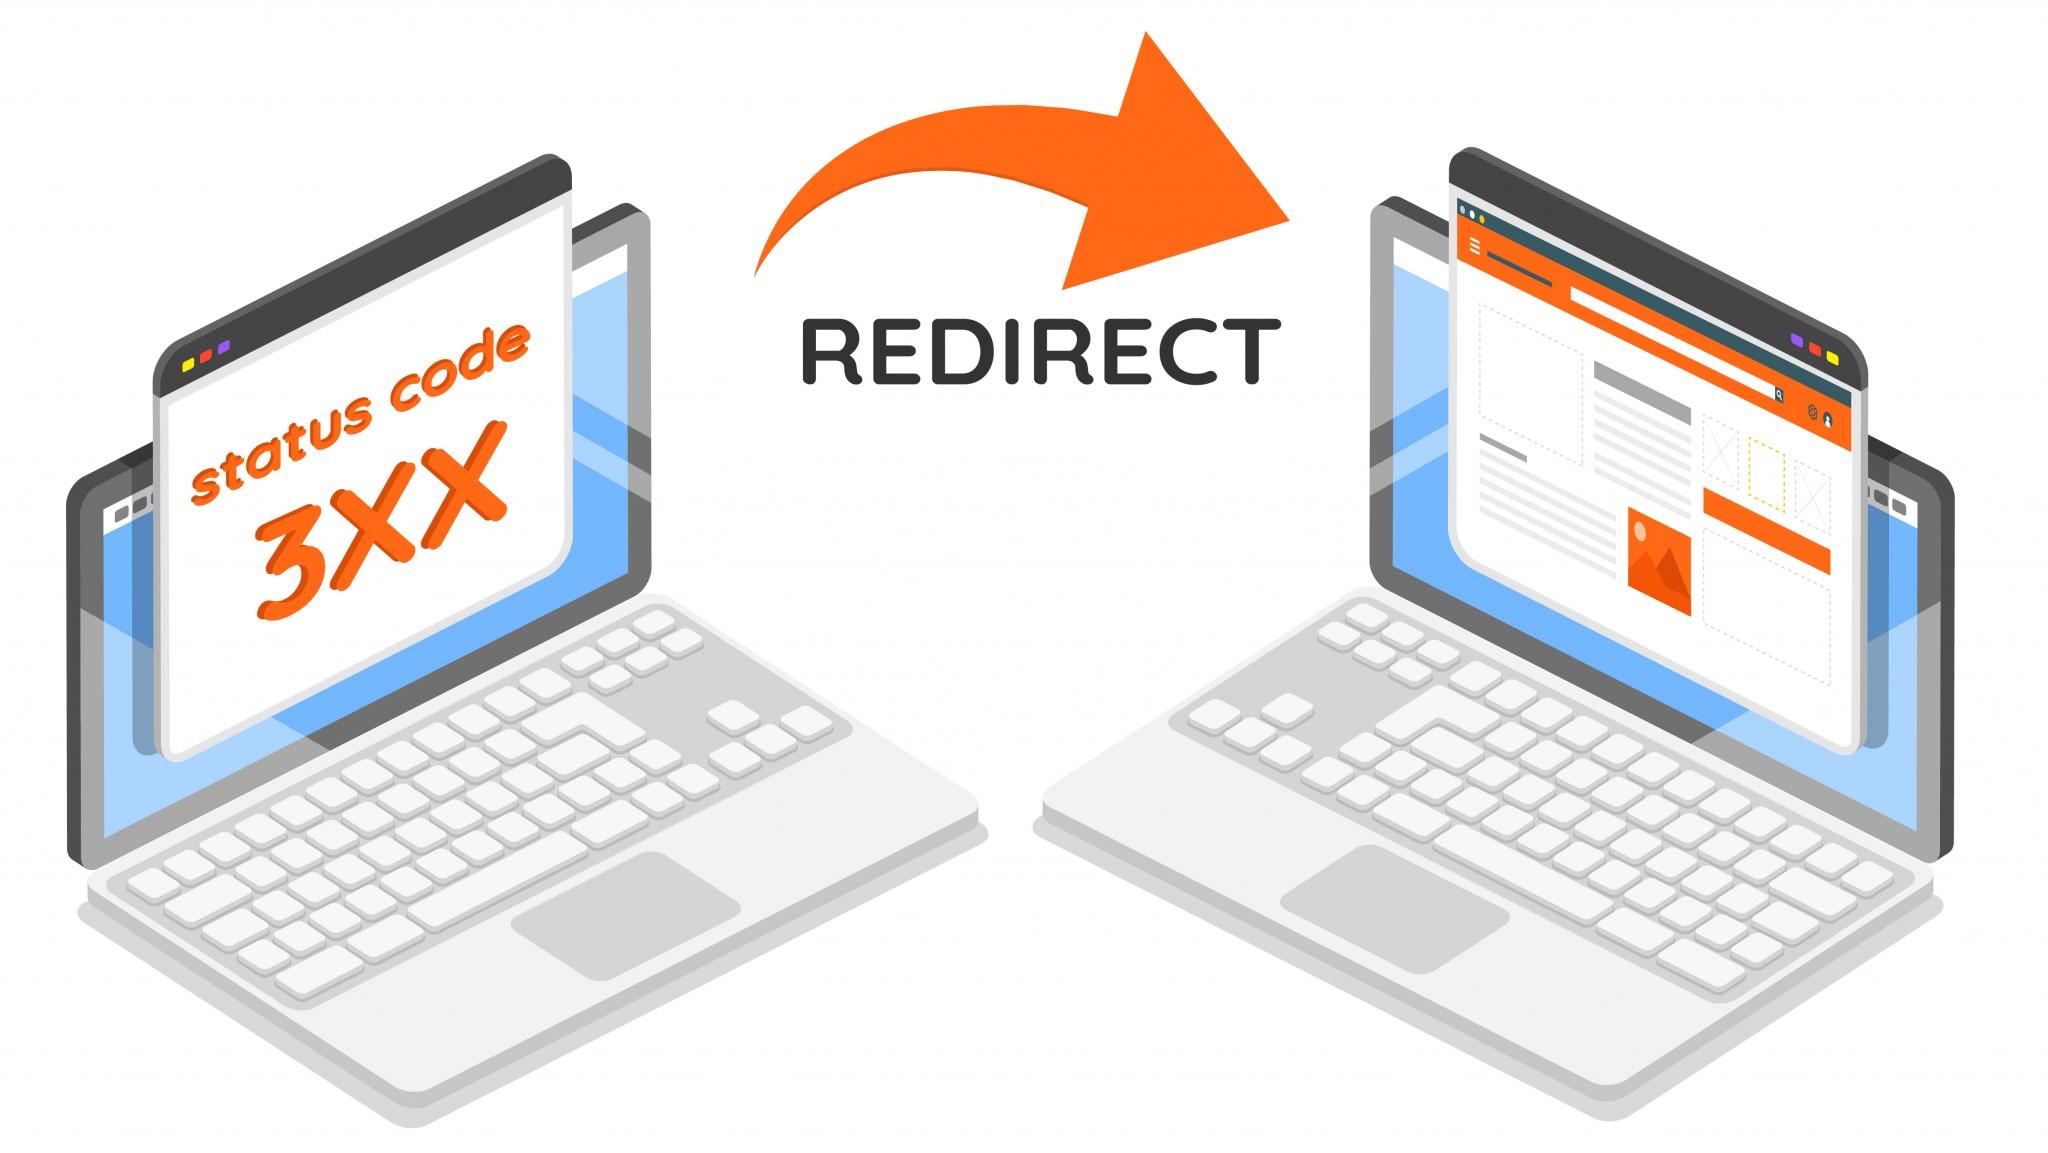 Status code 3XX: redirect